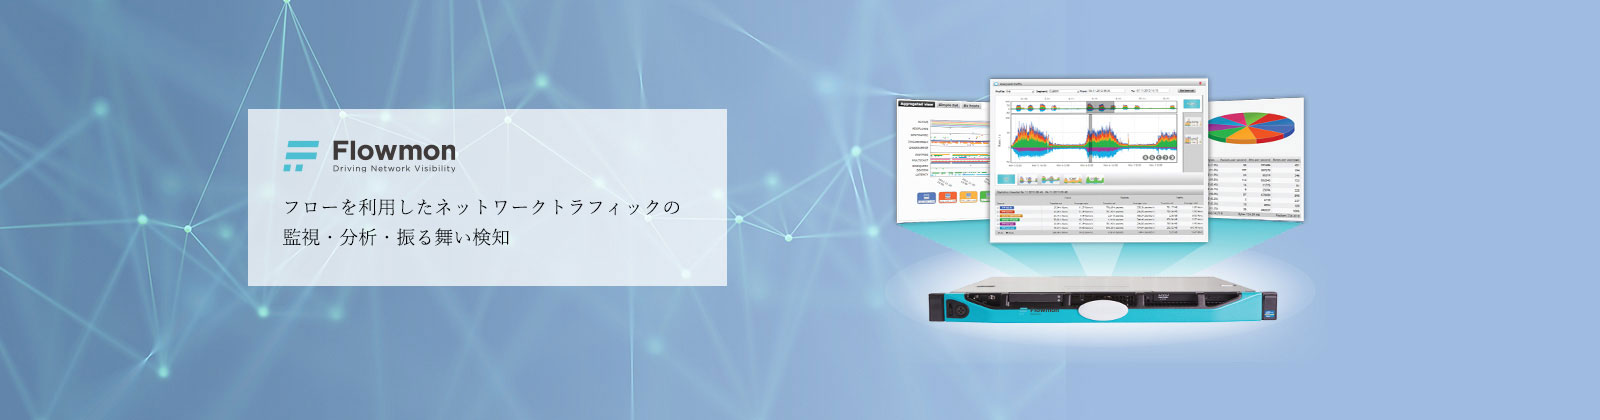 Flowmon フローを利用したネットワークトラフィックの監視・分析・振る舞い検知